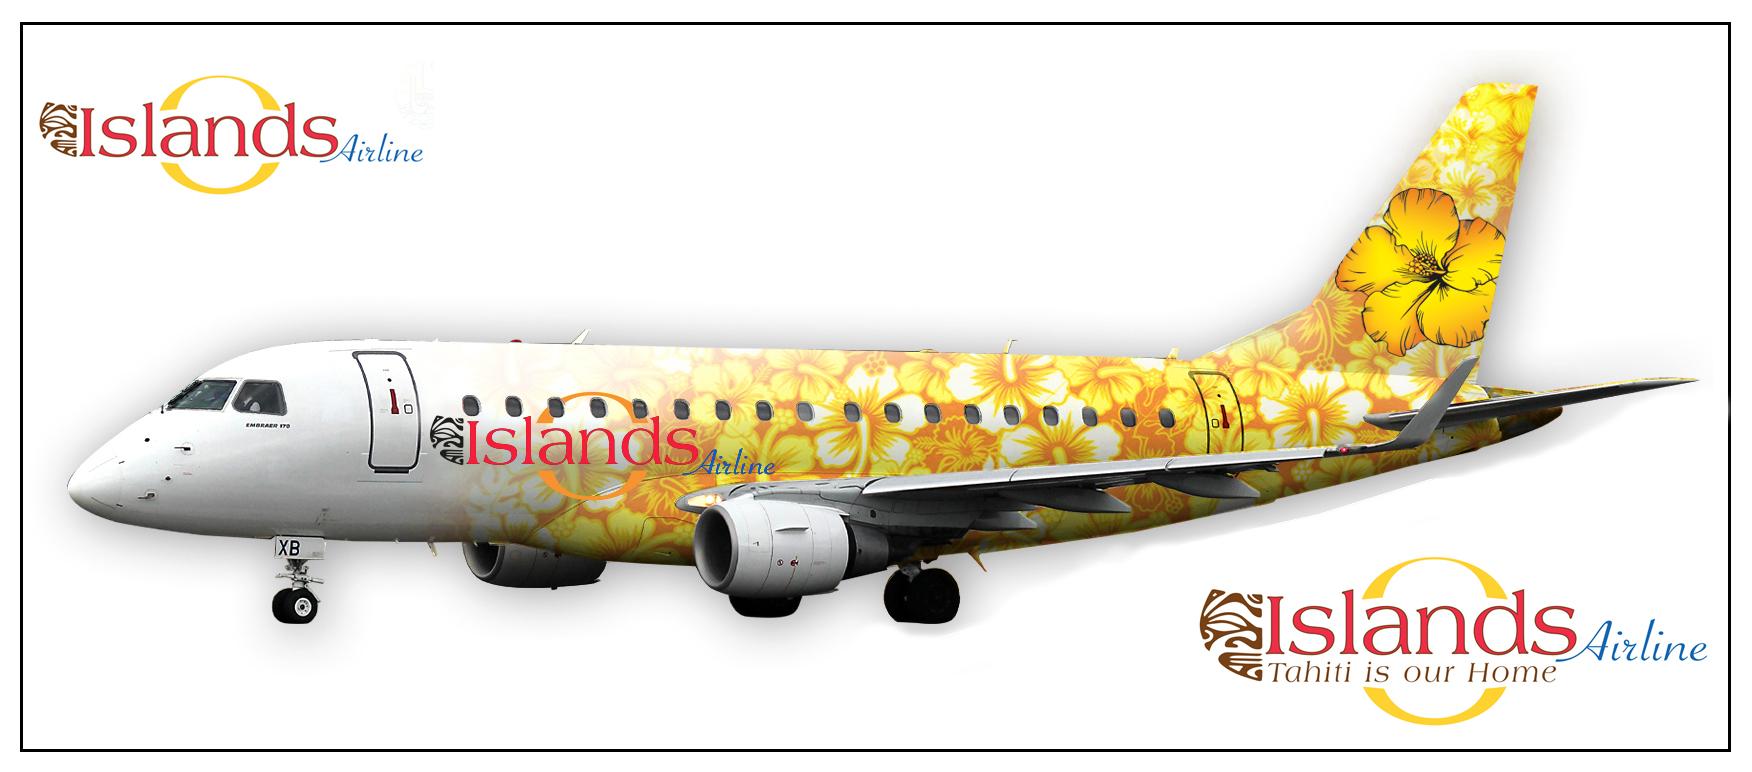 Un nouvel espoir pour la compagnie Islands Airline